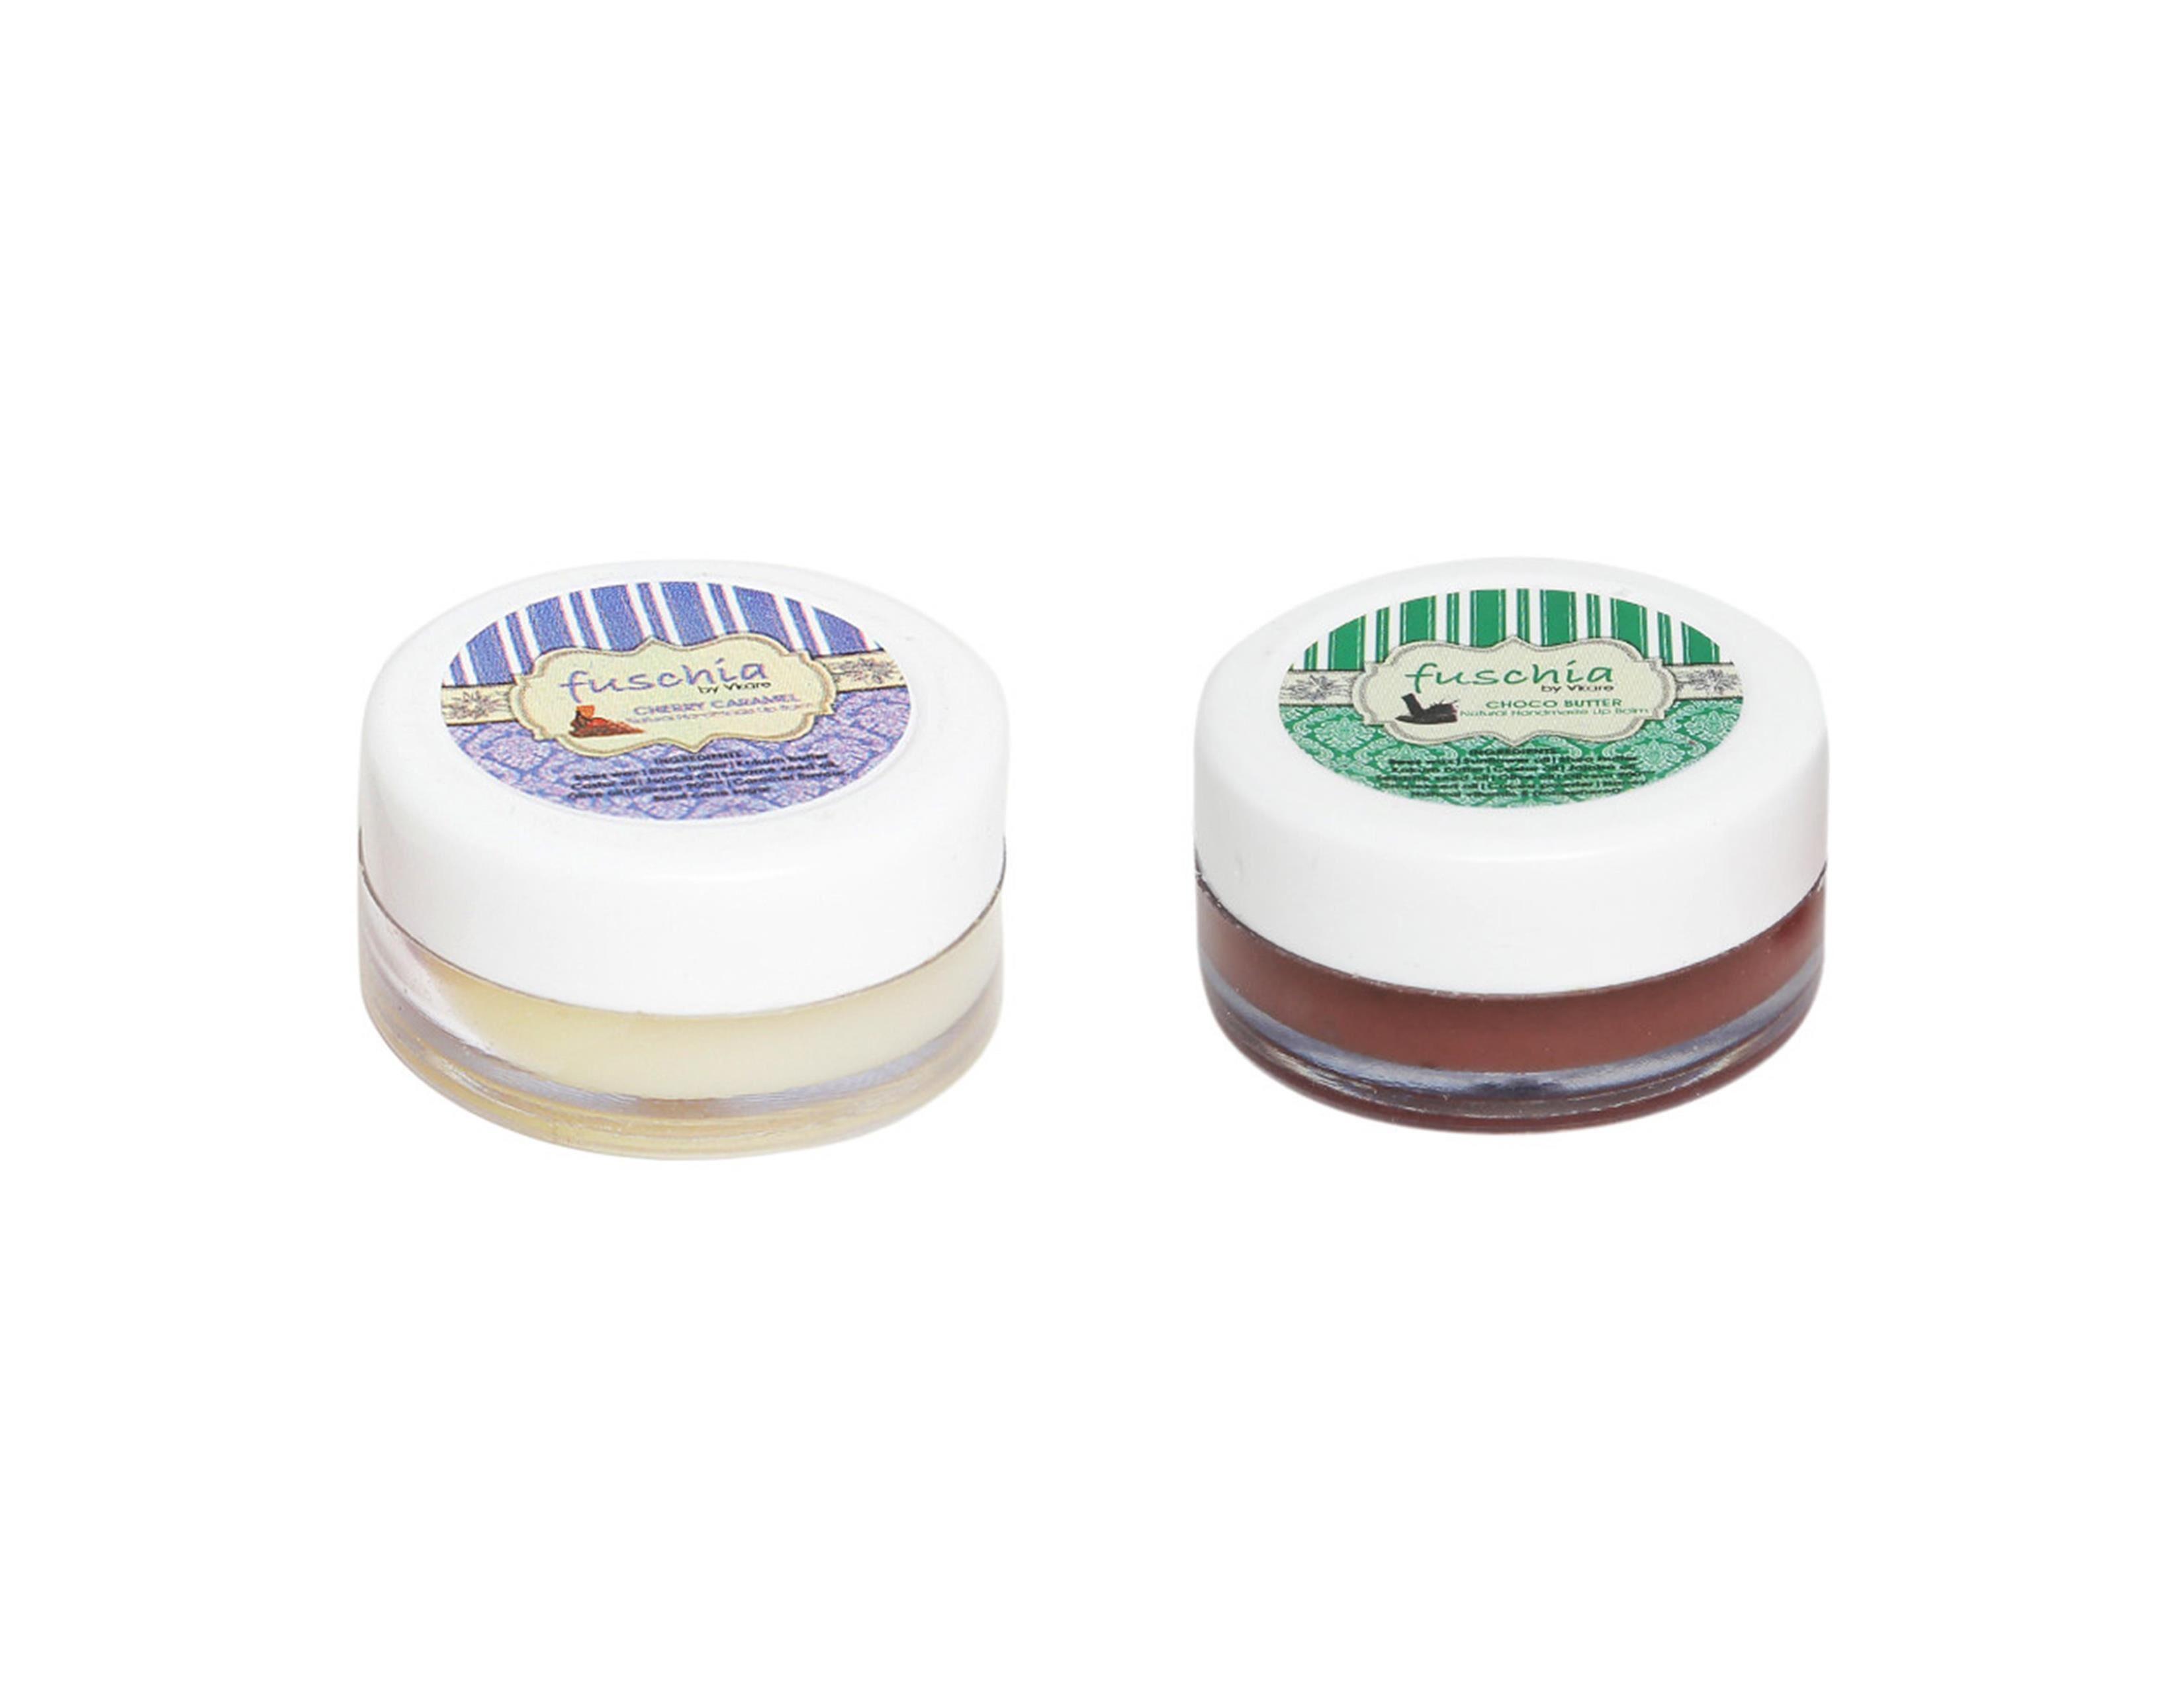 Fuschia – Caramel & Choco Butter Lip Balm Combo 16gm